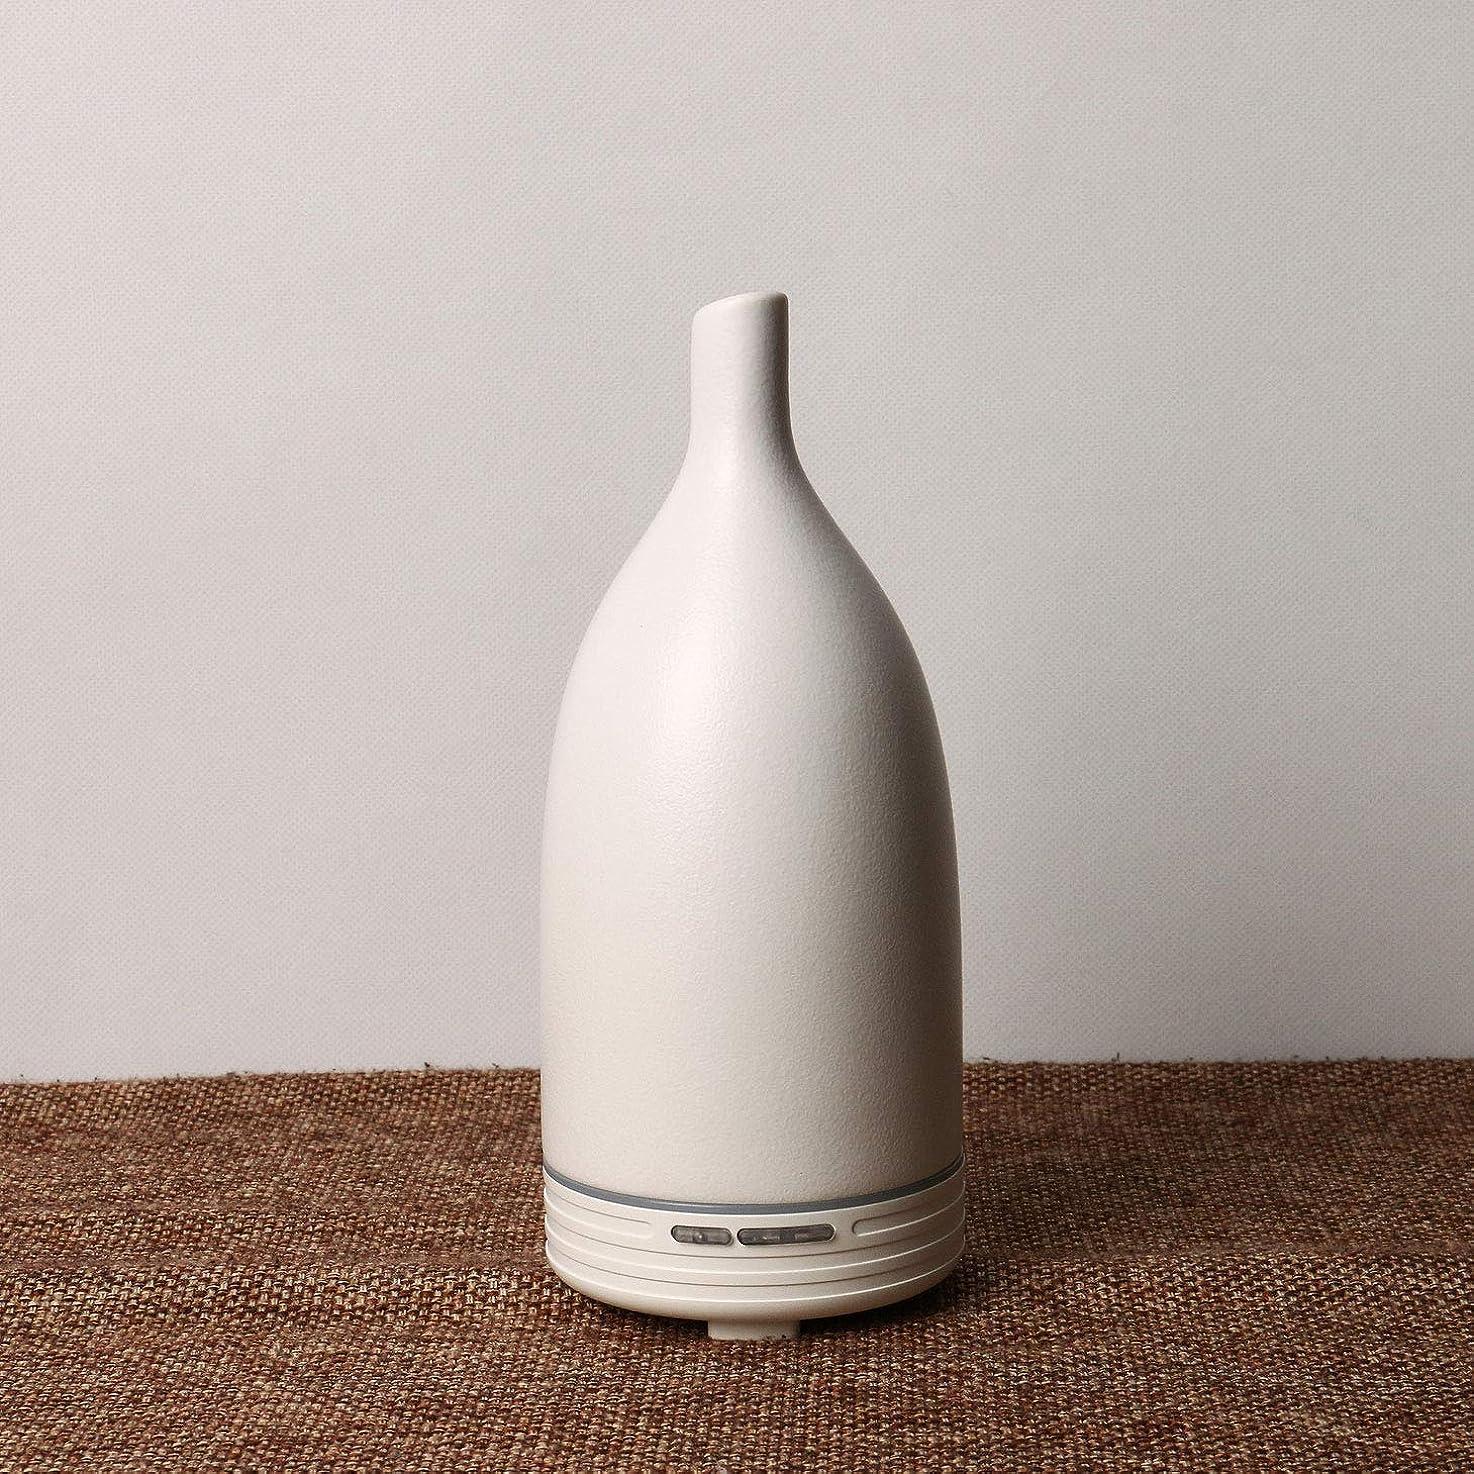 ほのか尽きるピアースアロマディスペンサー精油加湿器陶磁器の材質は家庭の事務用に適しています。 (ホワイト)